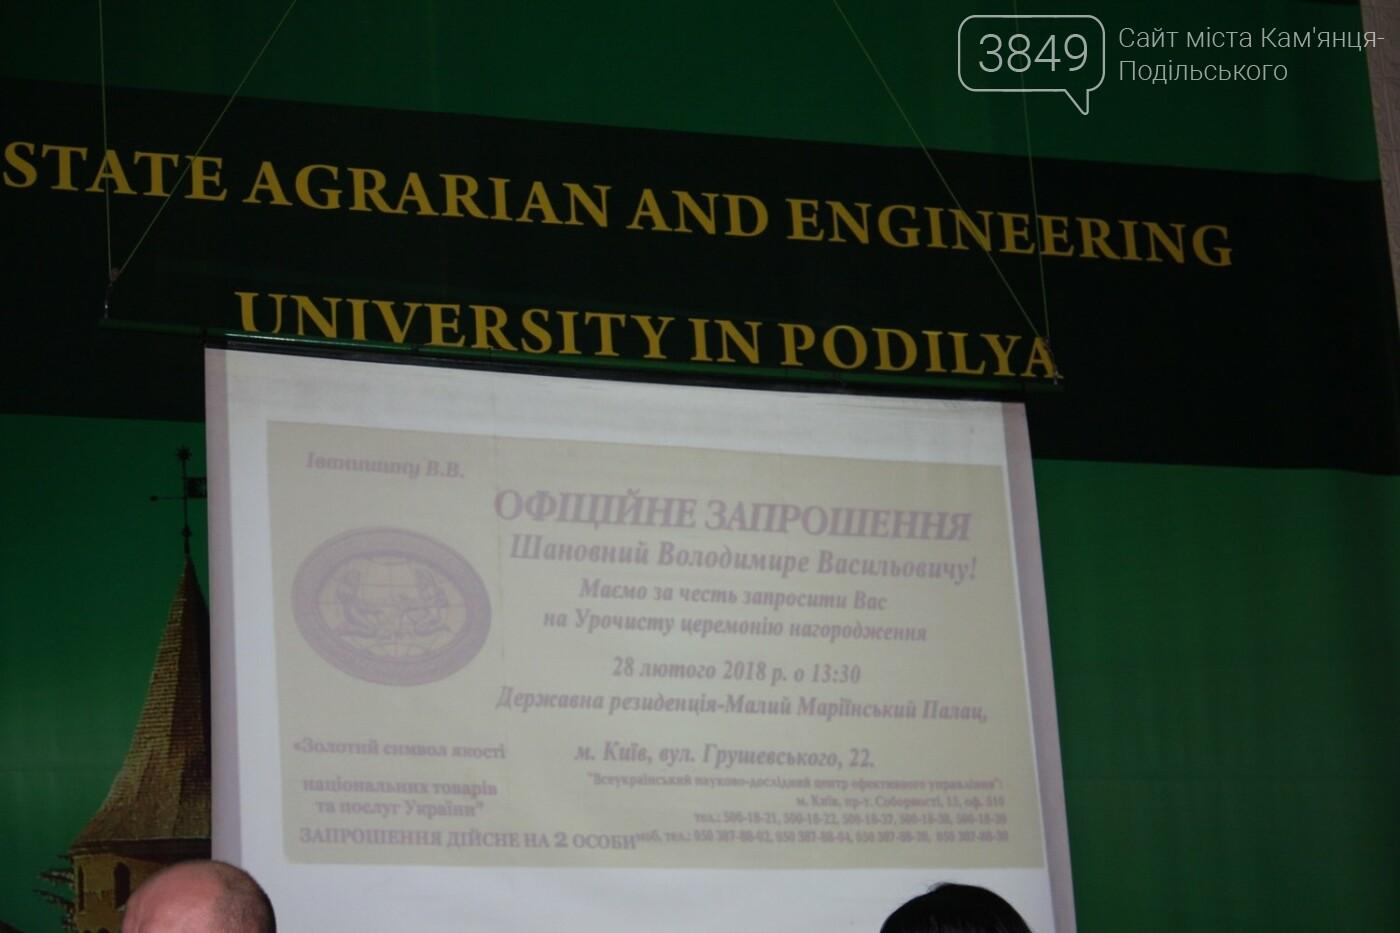 Подільський державний аграрно-технічний університет отримав нагороду «Золотий символ якості національних товарів та послуг», фото-2